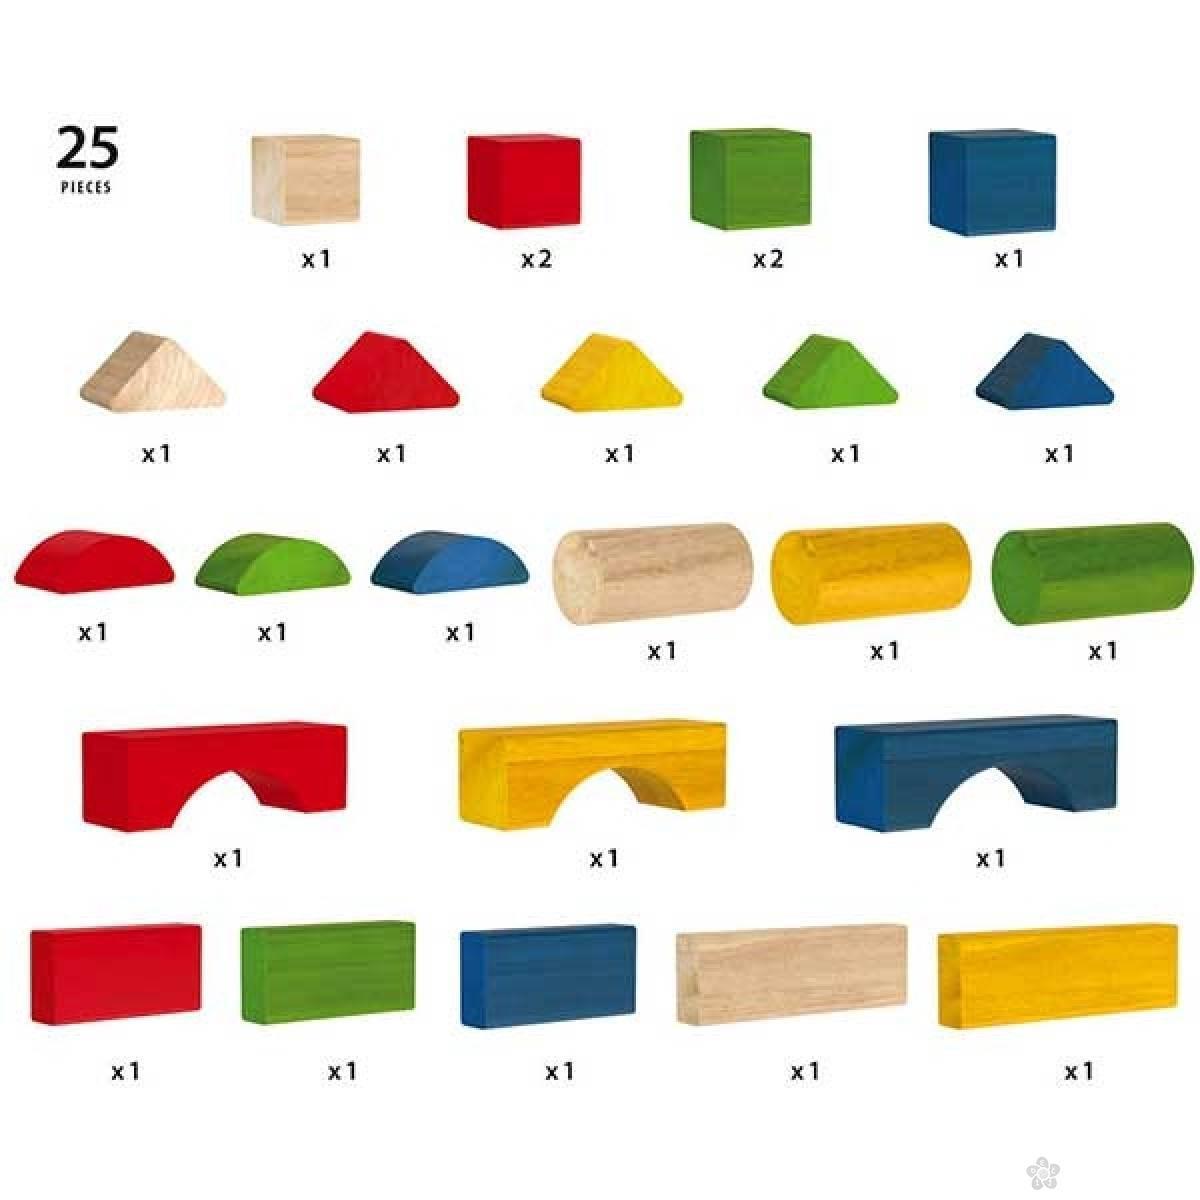 Set kocki u boji 25 komada Brio BR30114